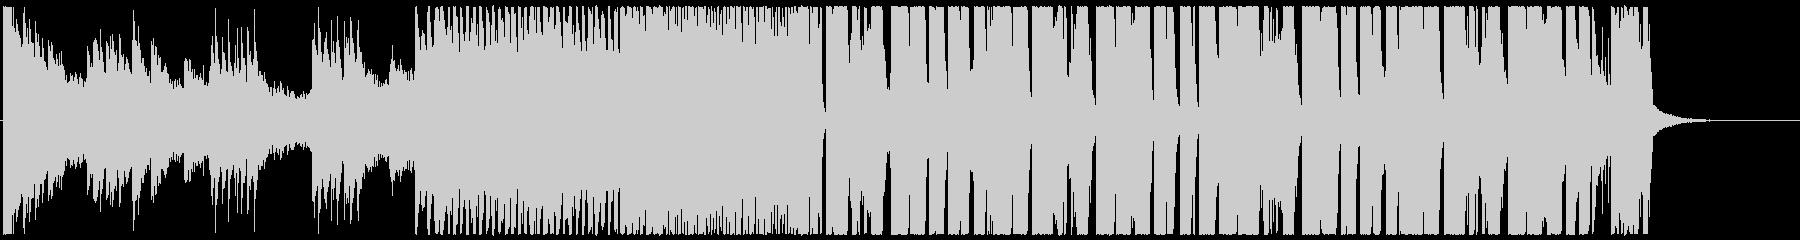 シンセ音が全面に出てるスロービートの未再生の波形